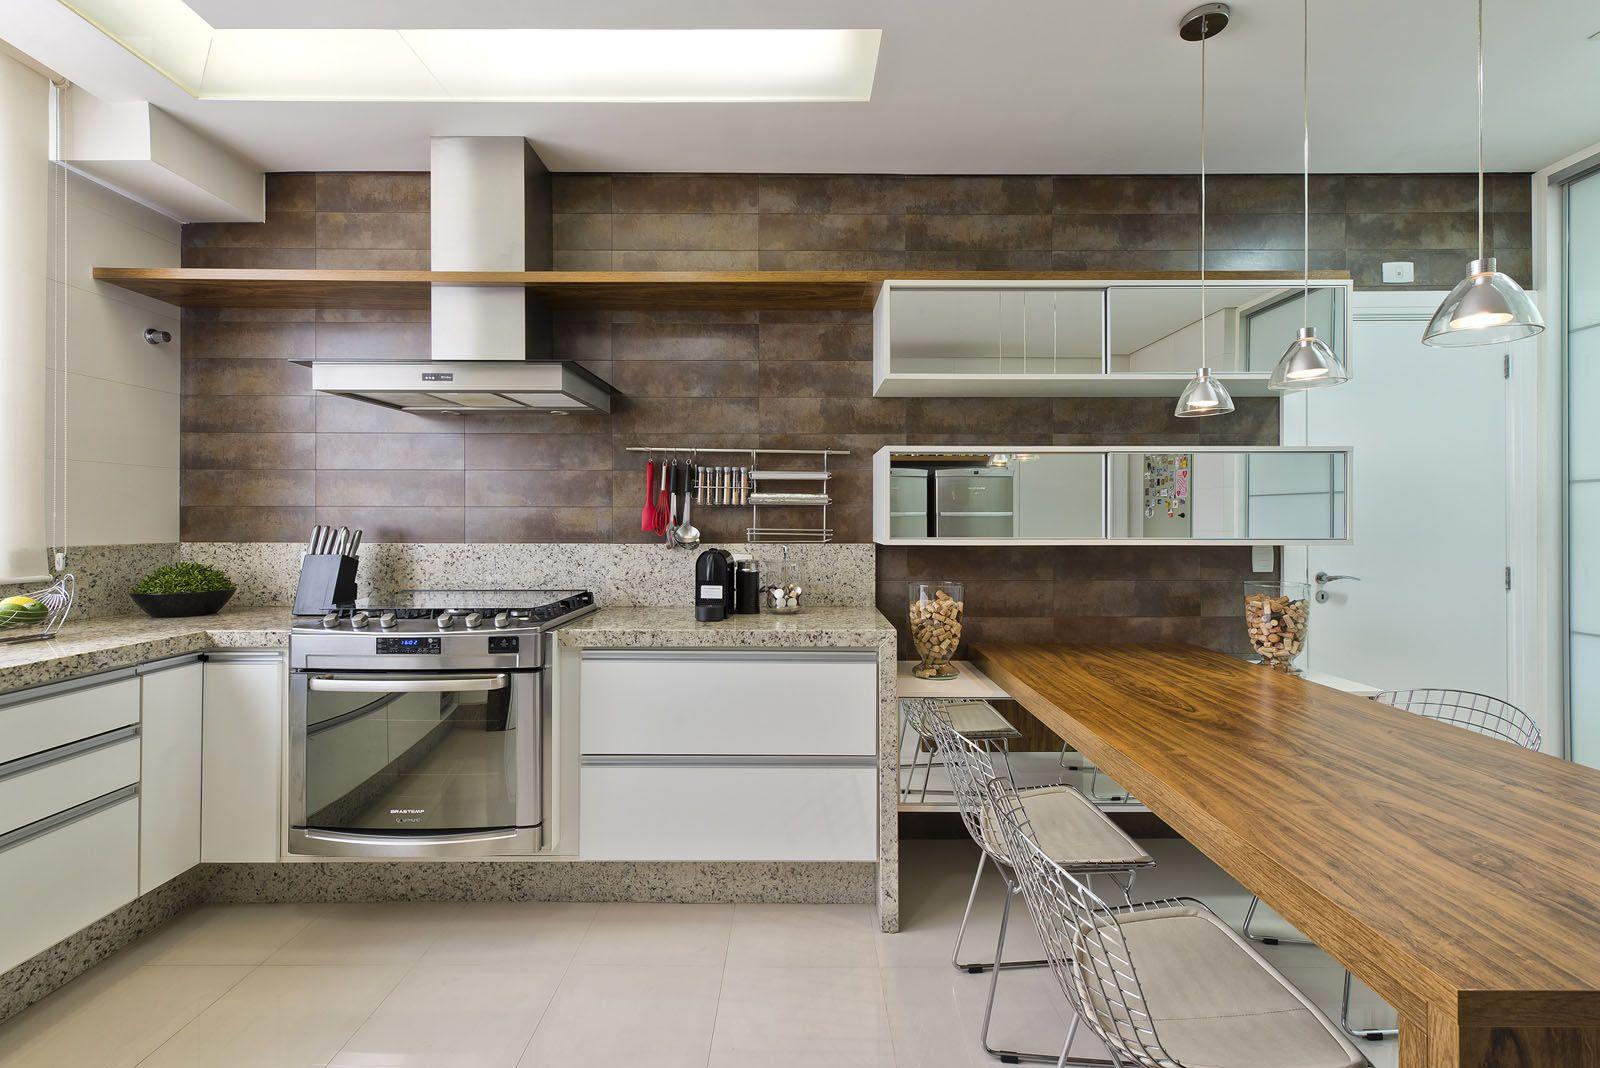 Cozinha Churrasqueira Bancada Granito Modelos Decor Salteado 2 Jpg